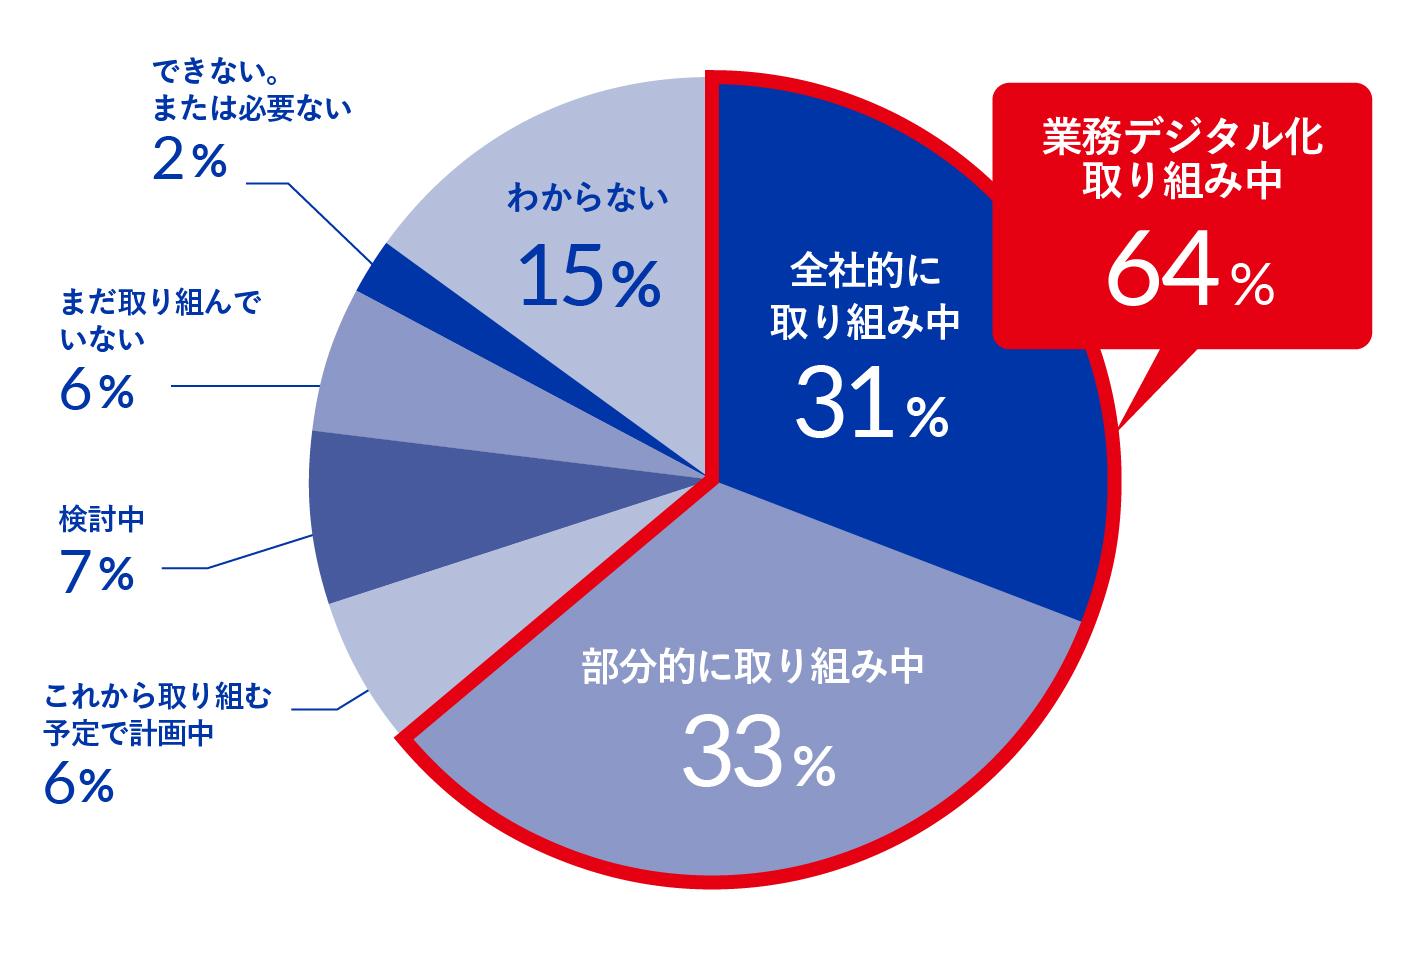 【グラフ②:あなたが勤めている企業では「業務デジタル化」に取り組んでいますか】